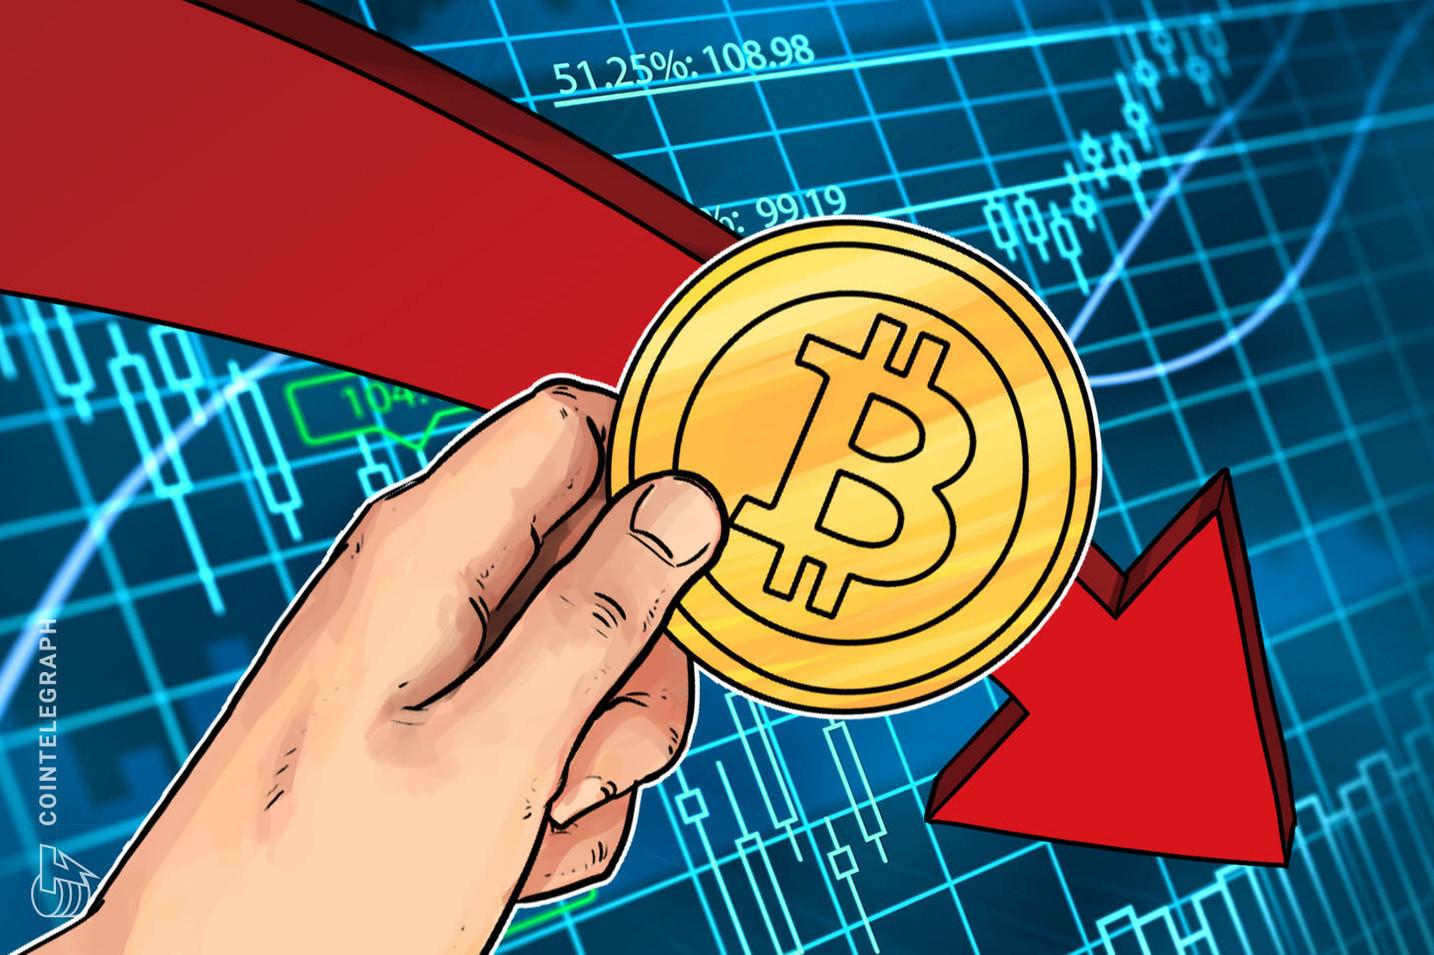 Bitcoin rutscht unter 7.000 US-Dollar, Hackerangriff auf Upbit möglicher Auslöser